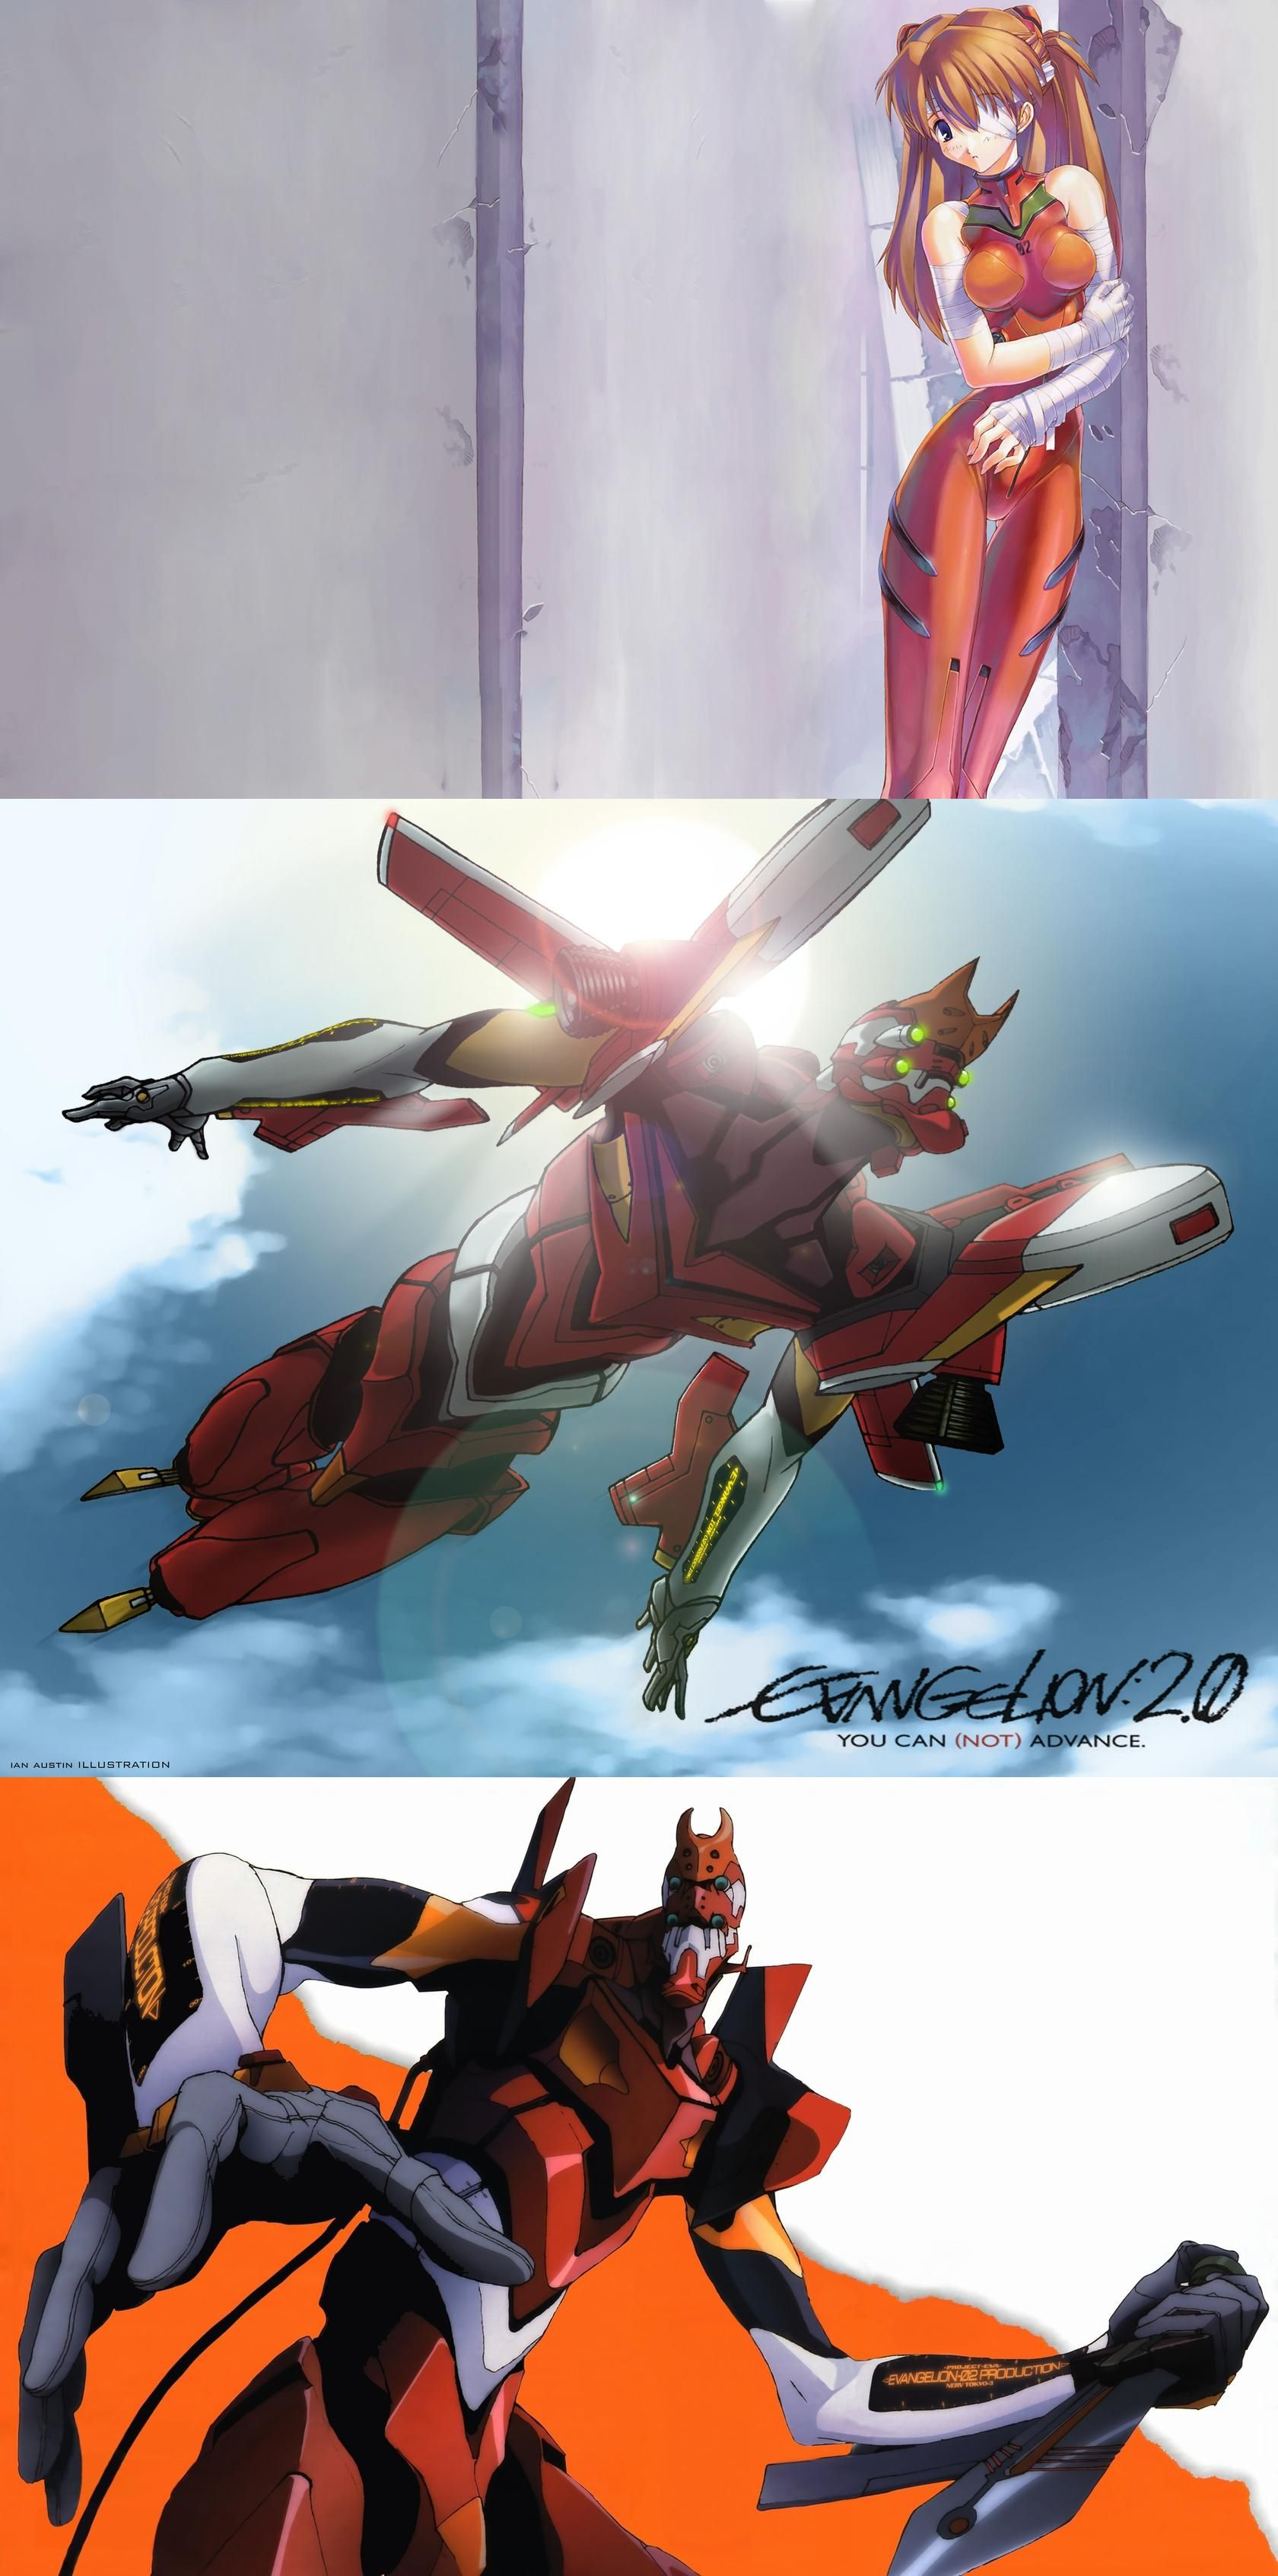 Eva02 neon genesis evangelion evangelion anime